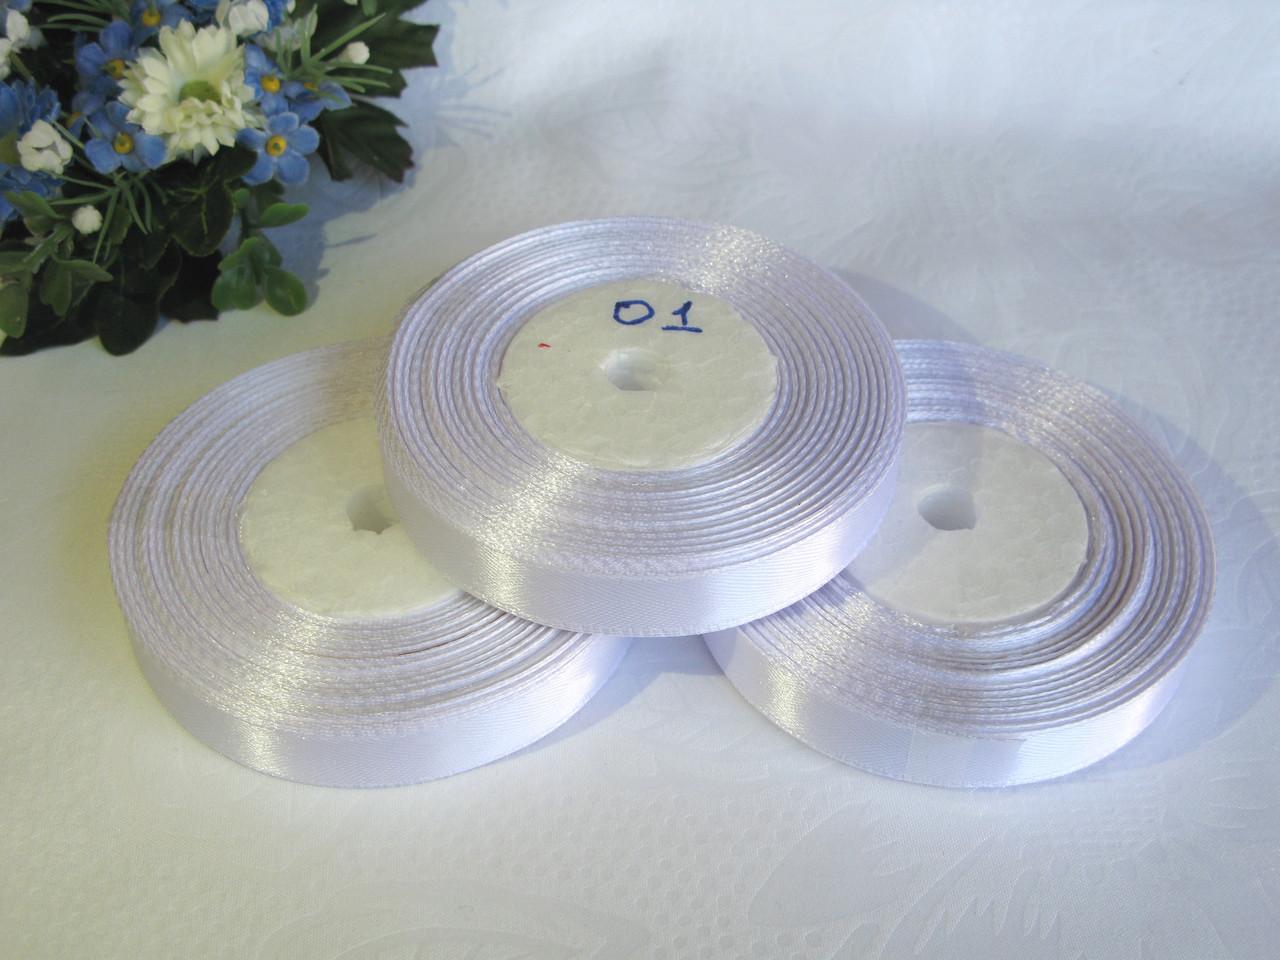 Атласная лента 1.2 см цвет - белый (01)  бобина 23 м